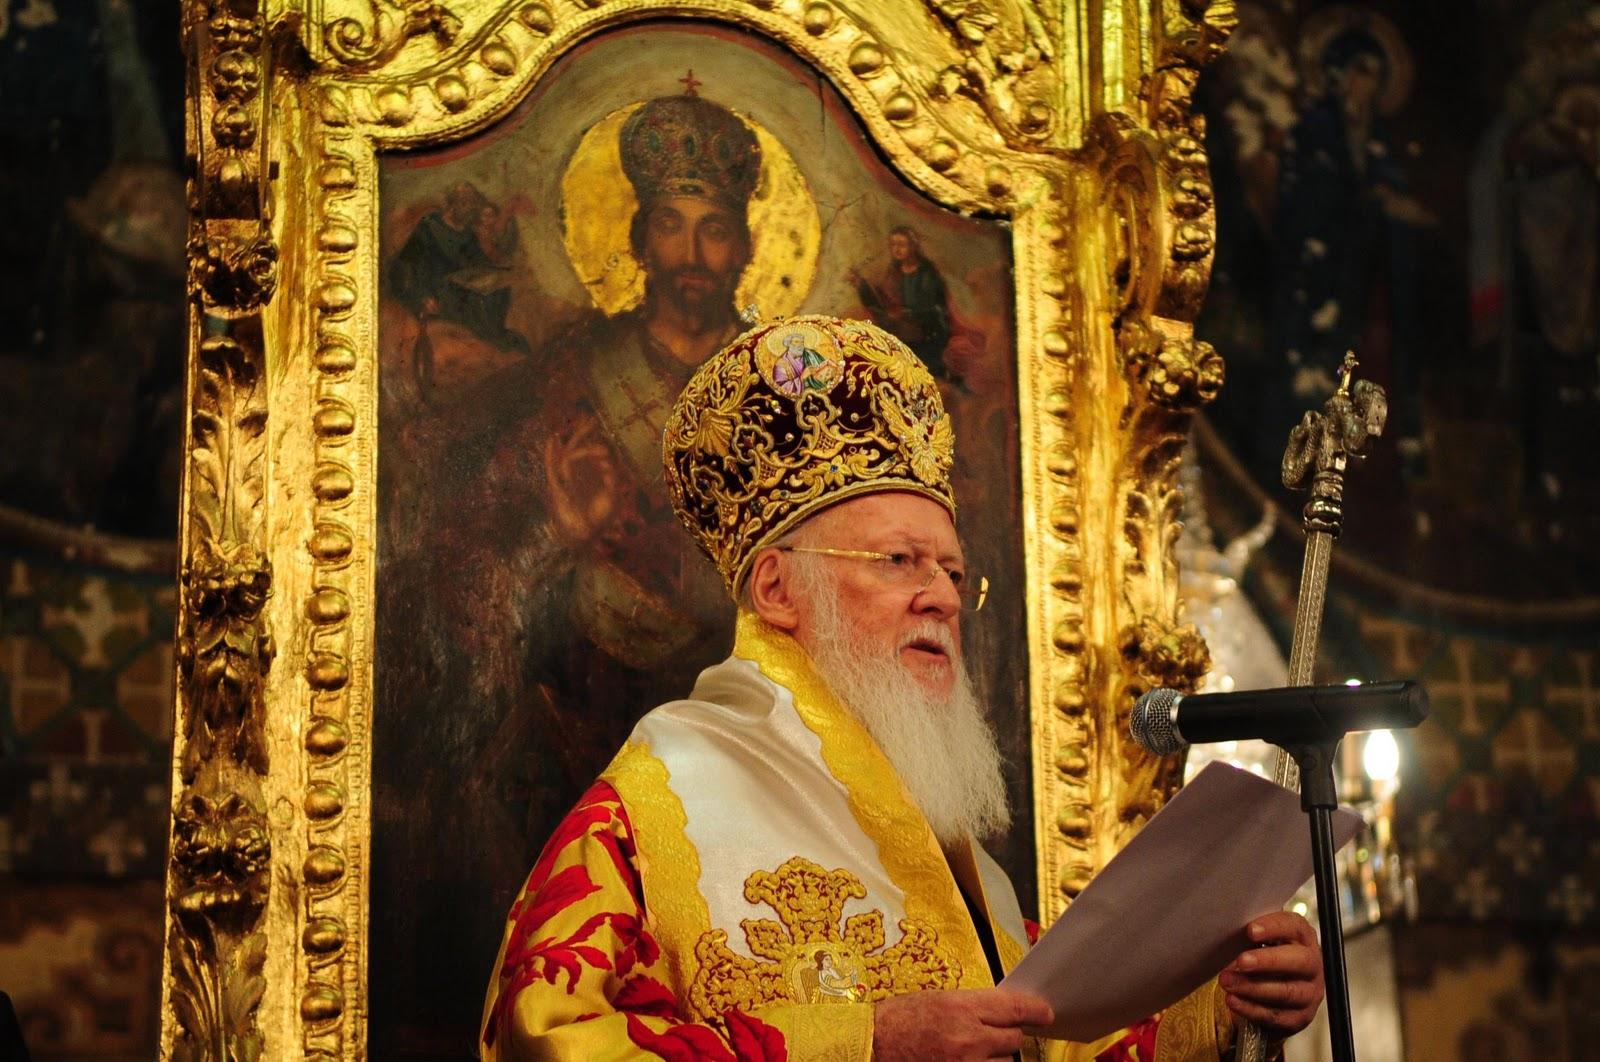 Вселенський патріарх Варфоломій, як правило, підписує спеціальний документ – Томос – про надання автокефалії